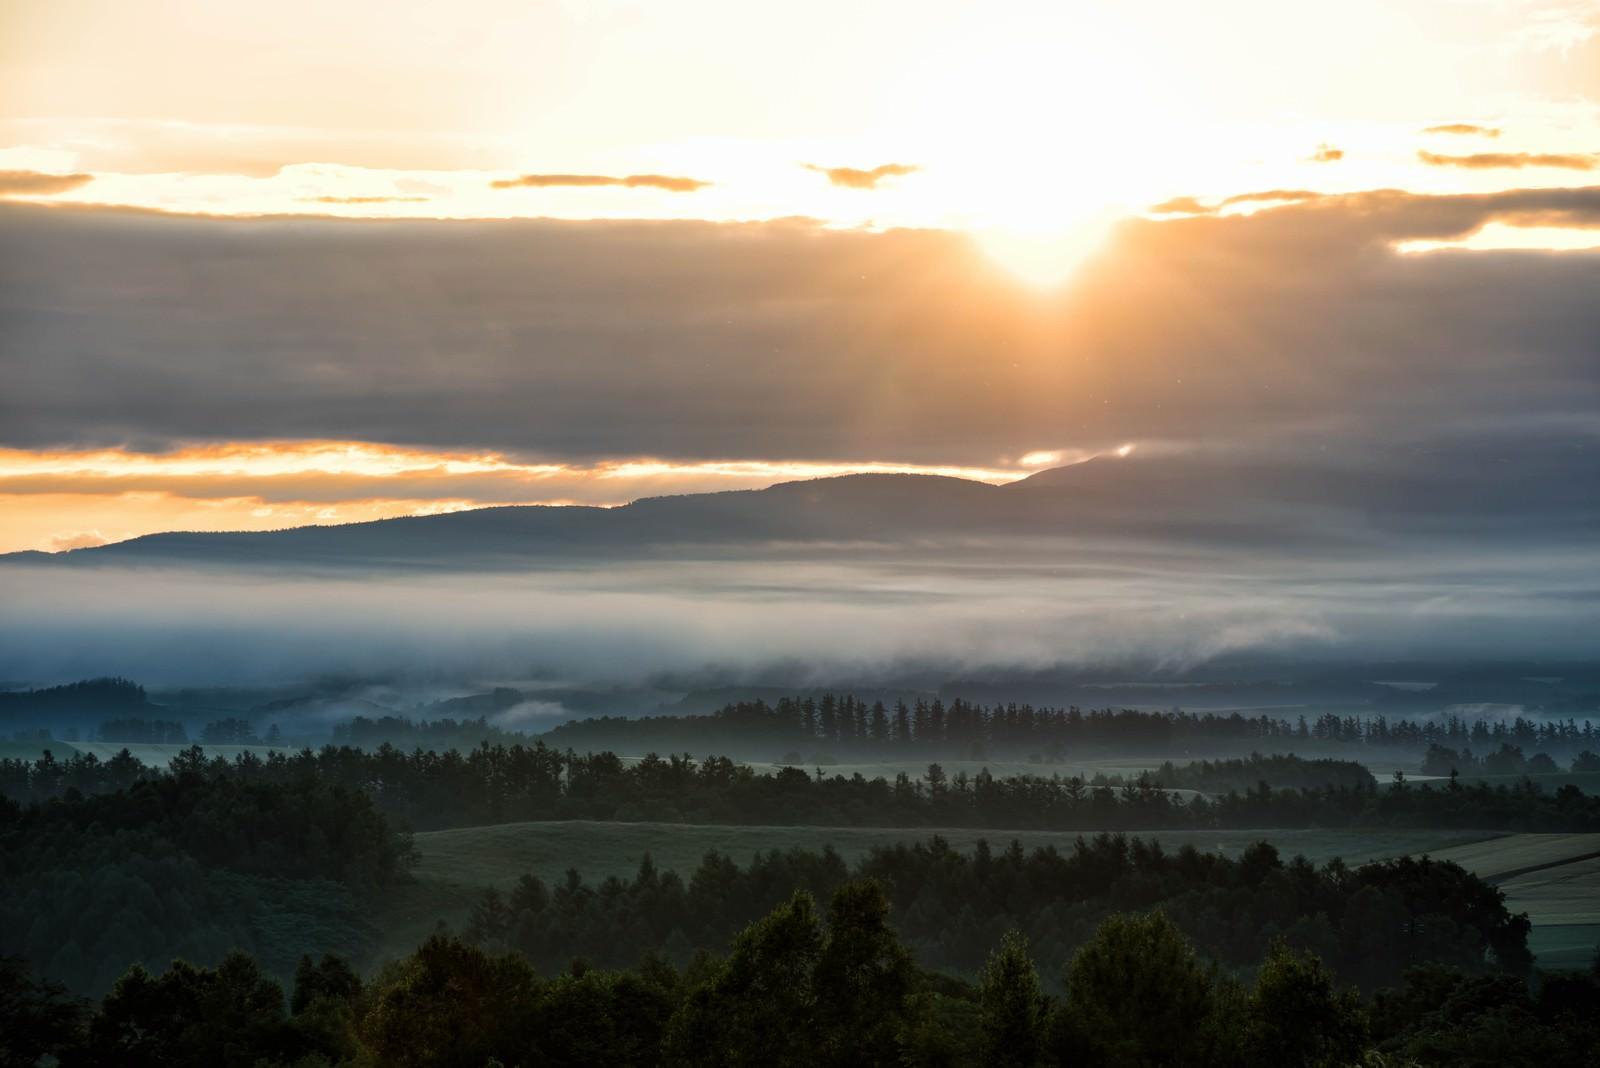 「朝霧立ちこむ美瑛町に差し込む朝日」の写真